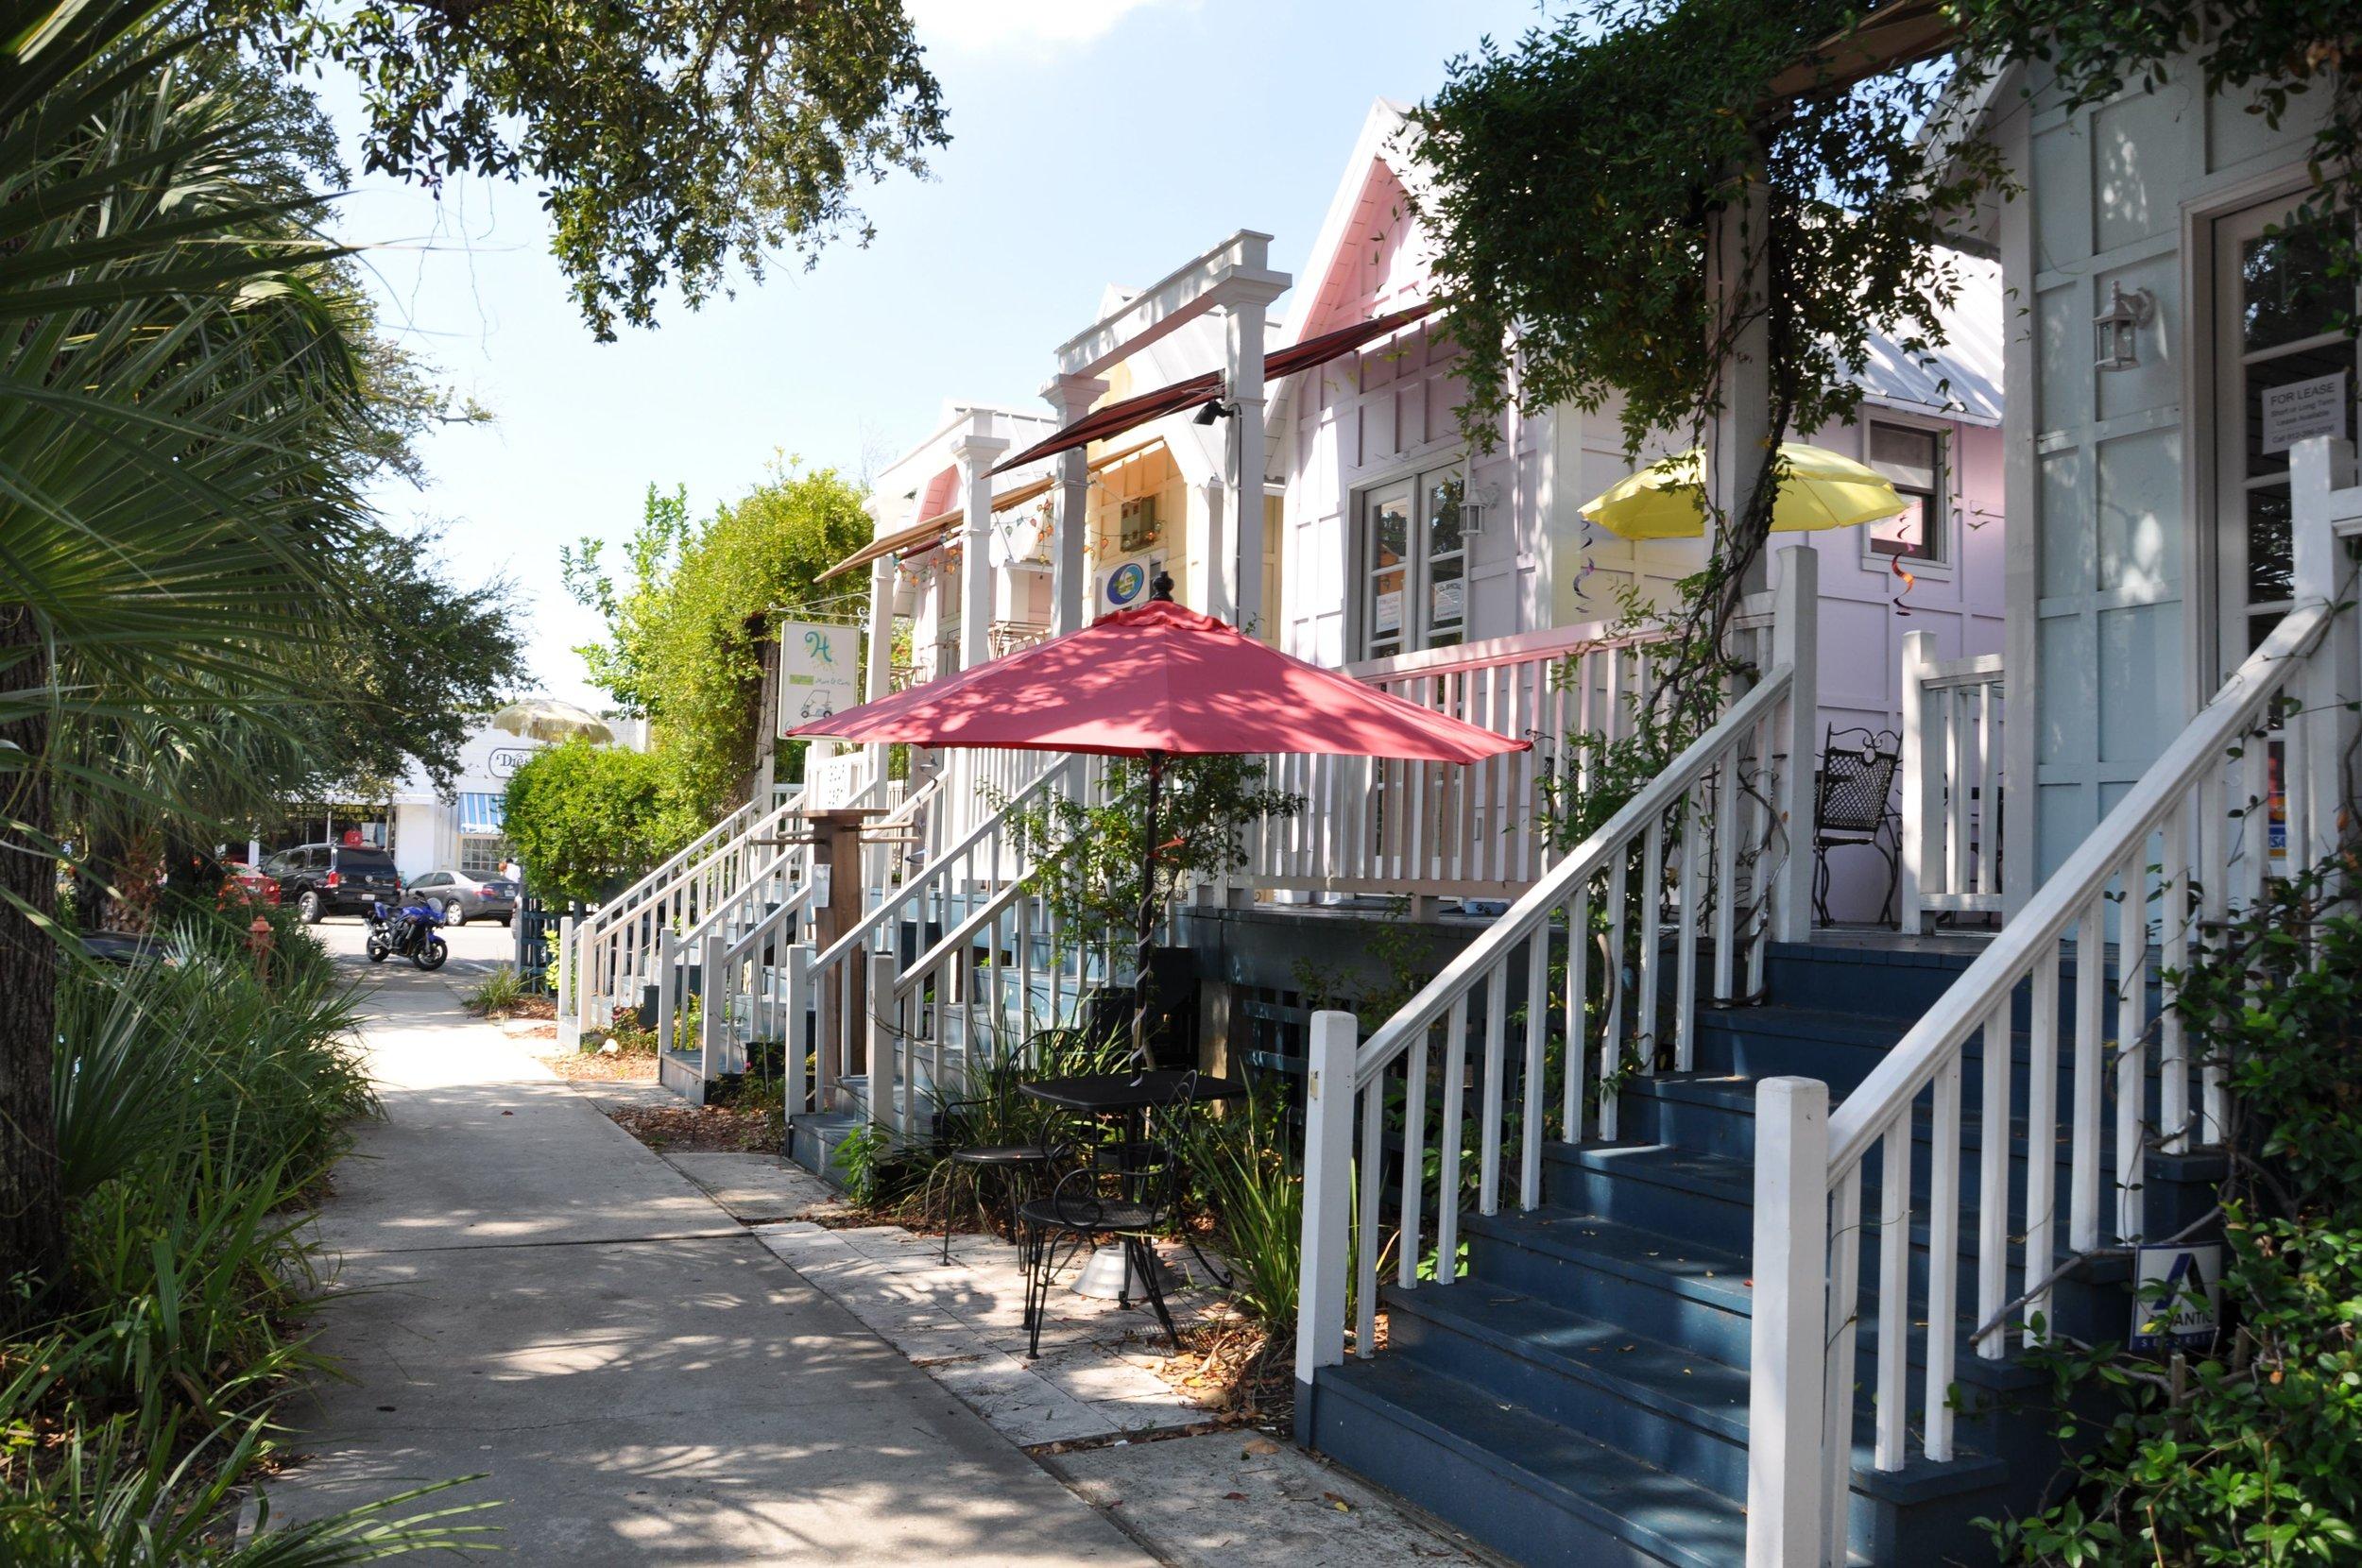 1 mile to Shopping, Restaurants & Redfern Village